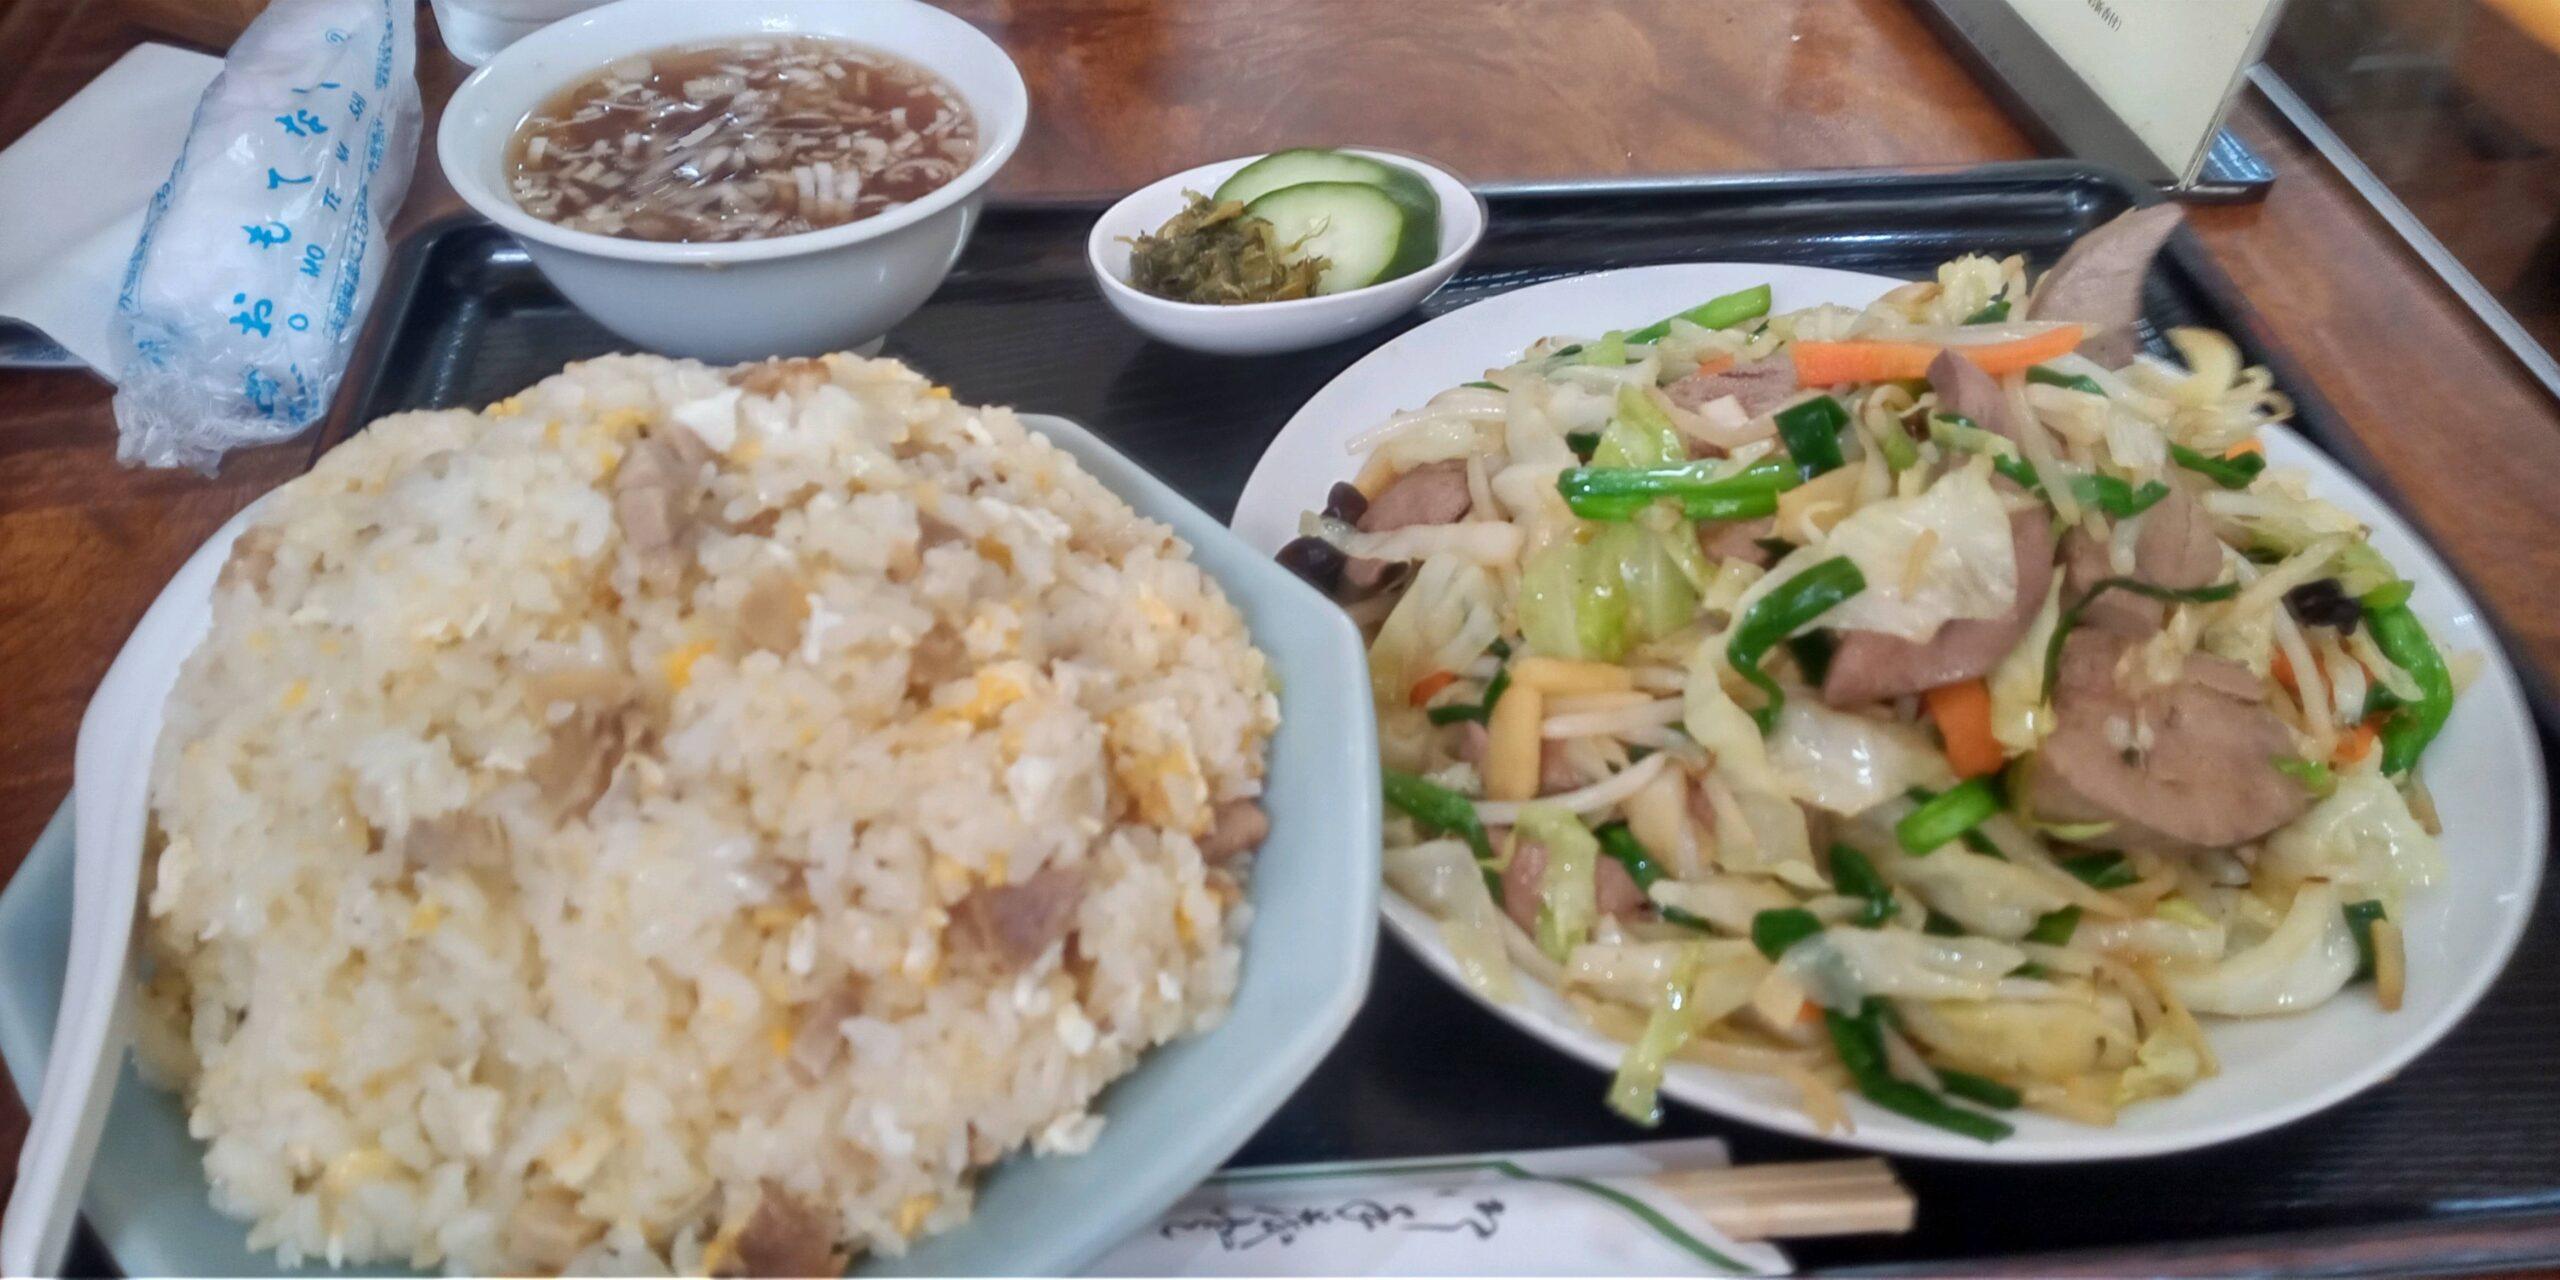 【画像】チャーハンとレバニラ炒め食べてきたよ~